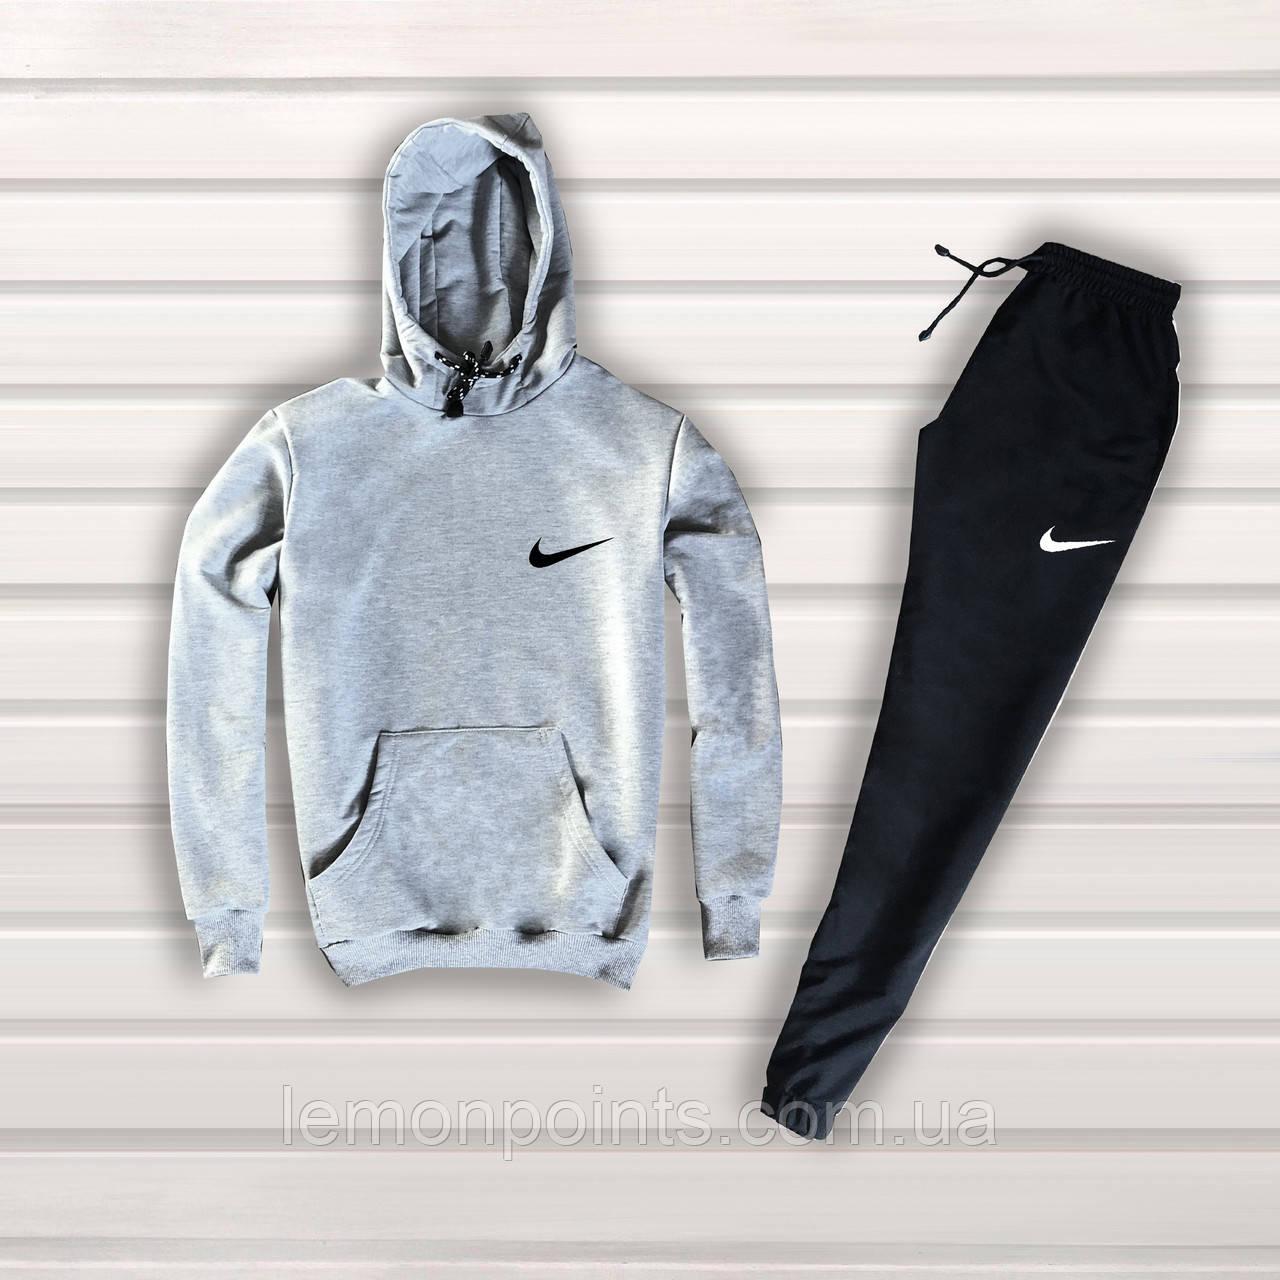 Теплий спортивний костюм Nike (Чорний+Сірий)